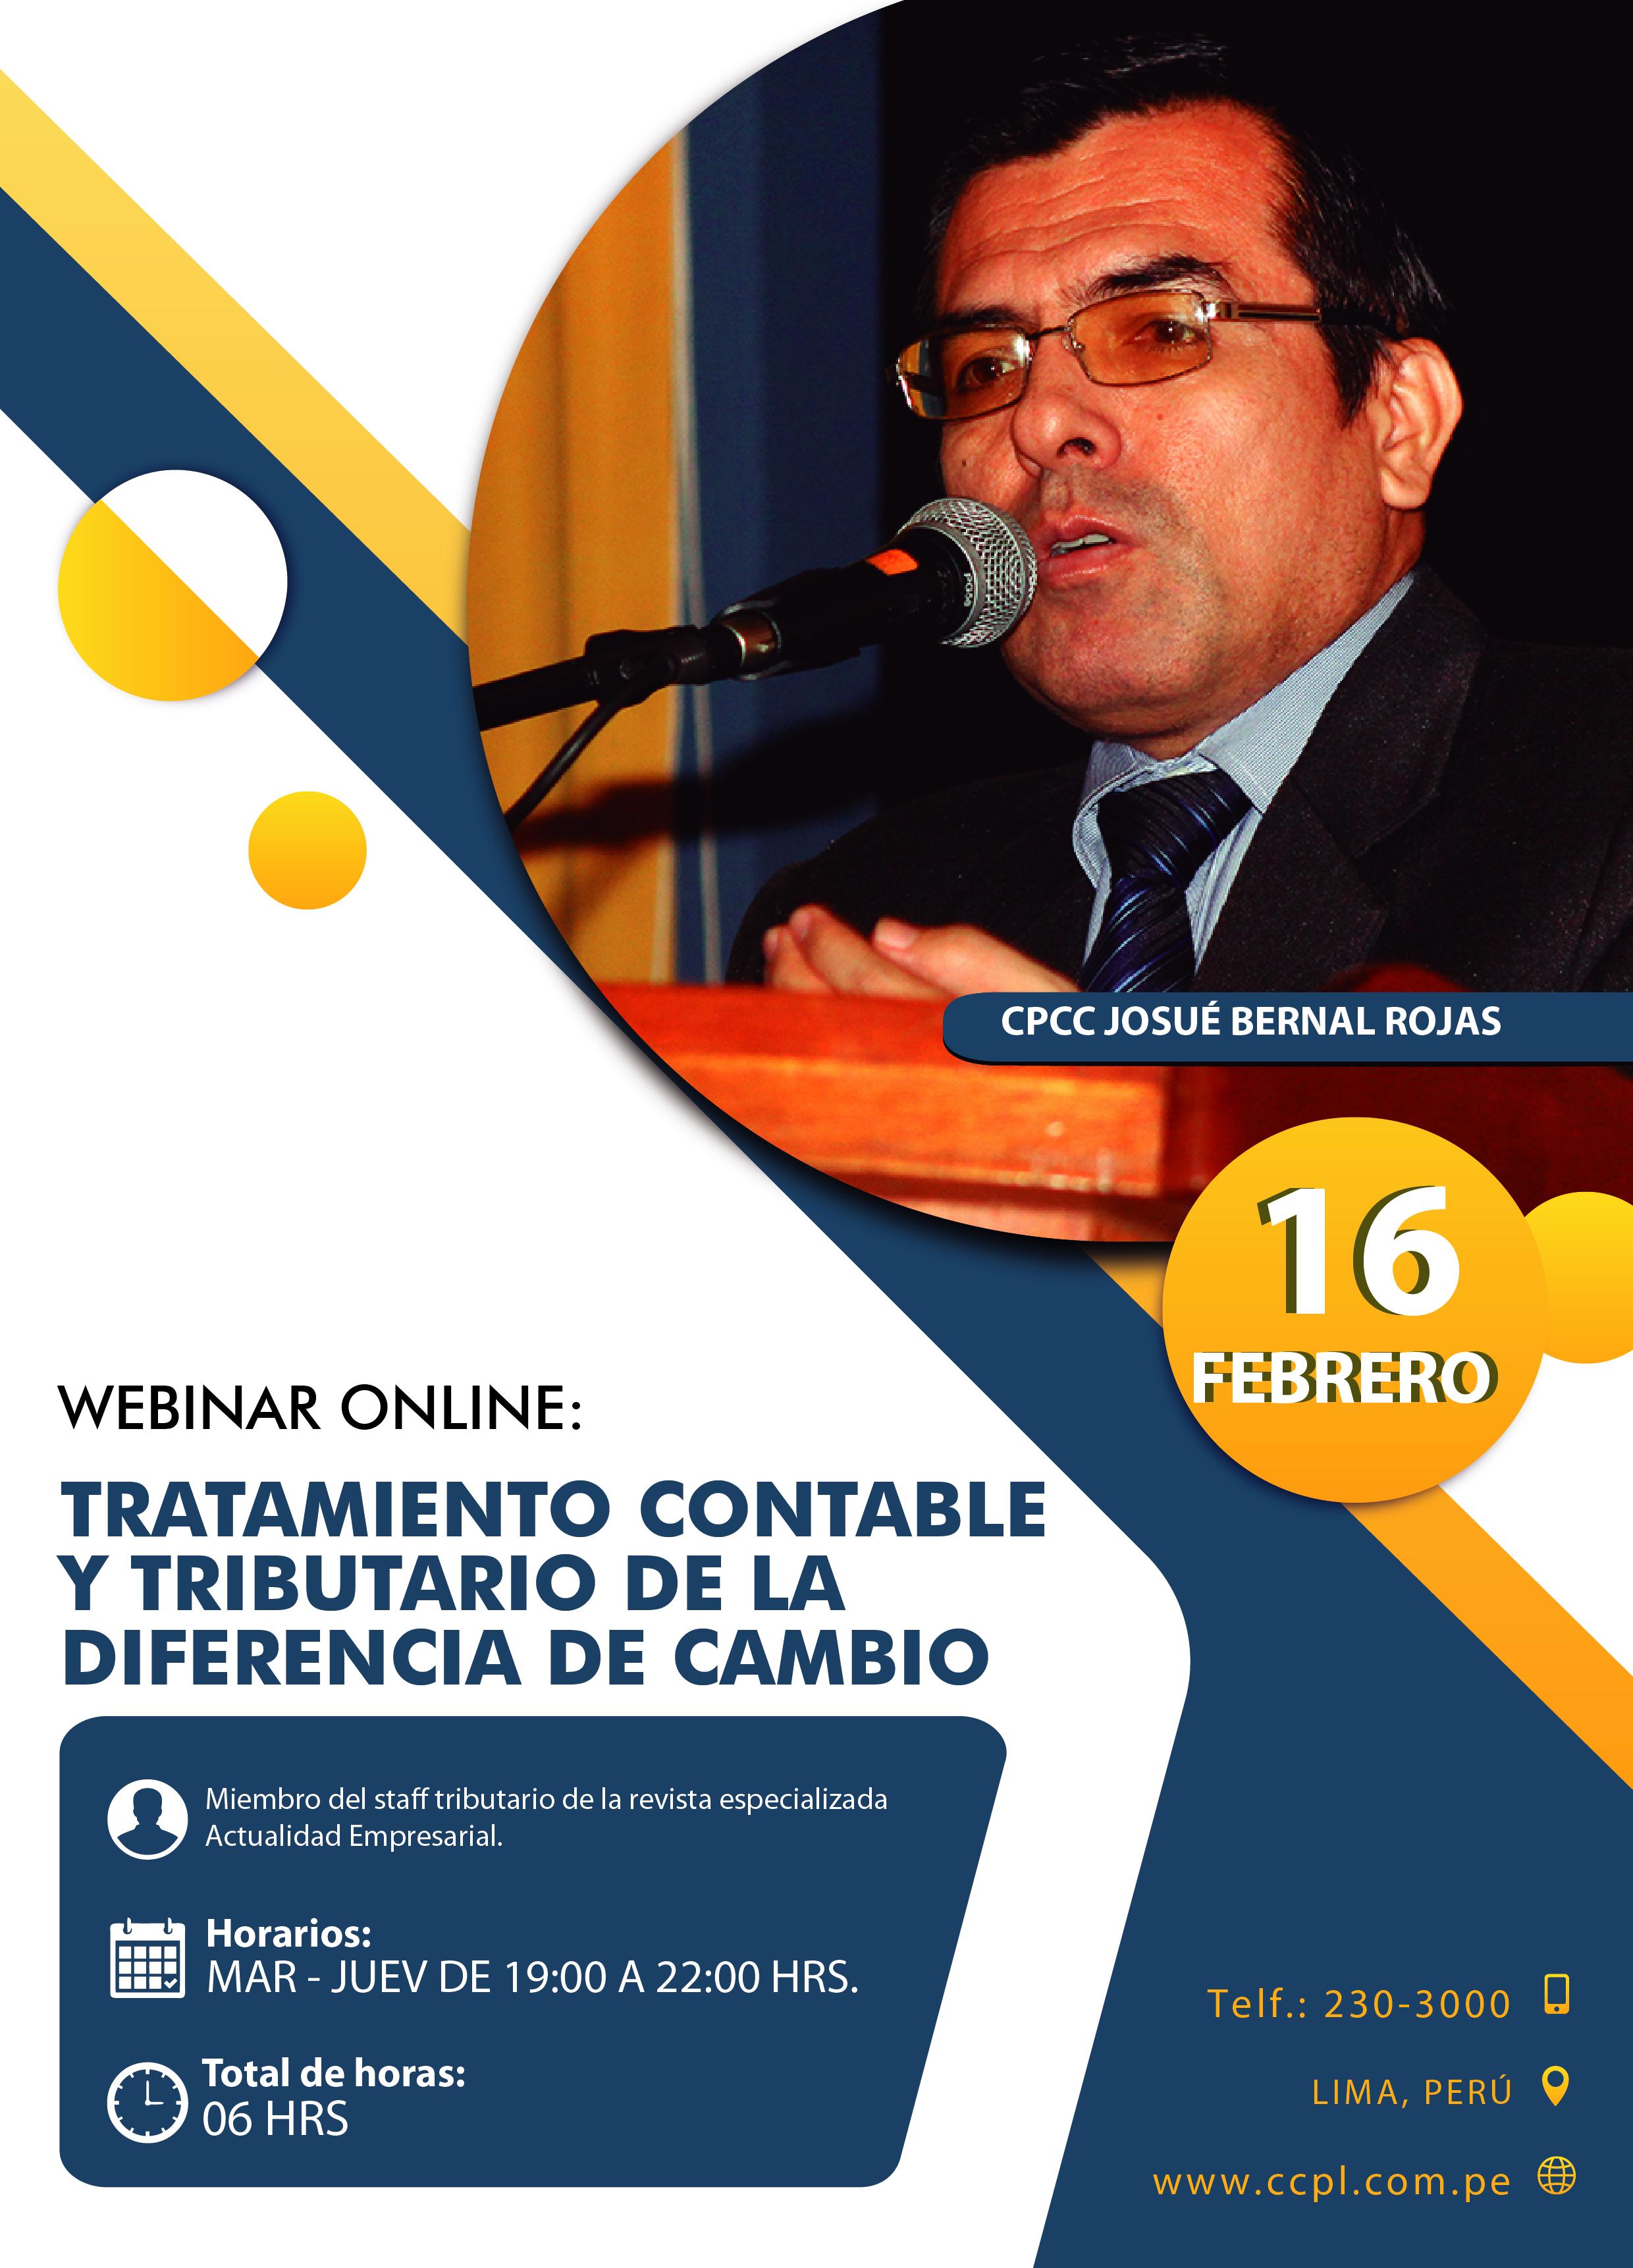 Tratamiento Contable Y Tributario De La Diferencia De Cambio Ccpl Contadores Publicos De Lima